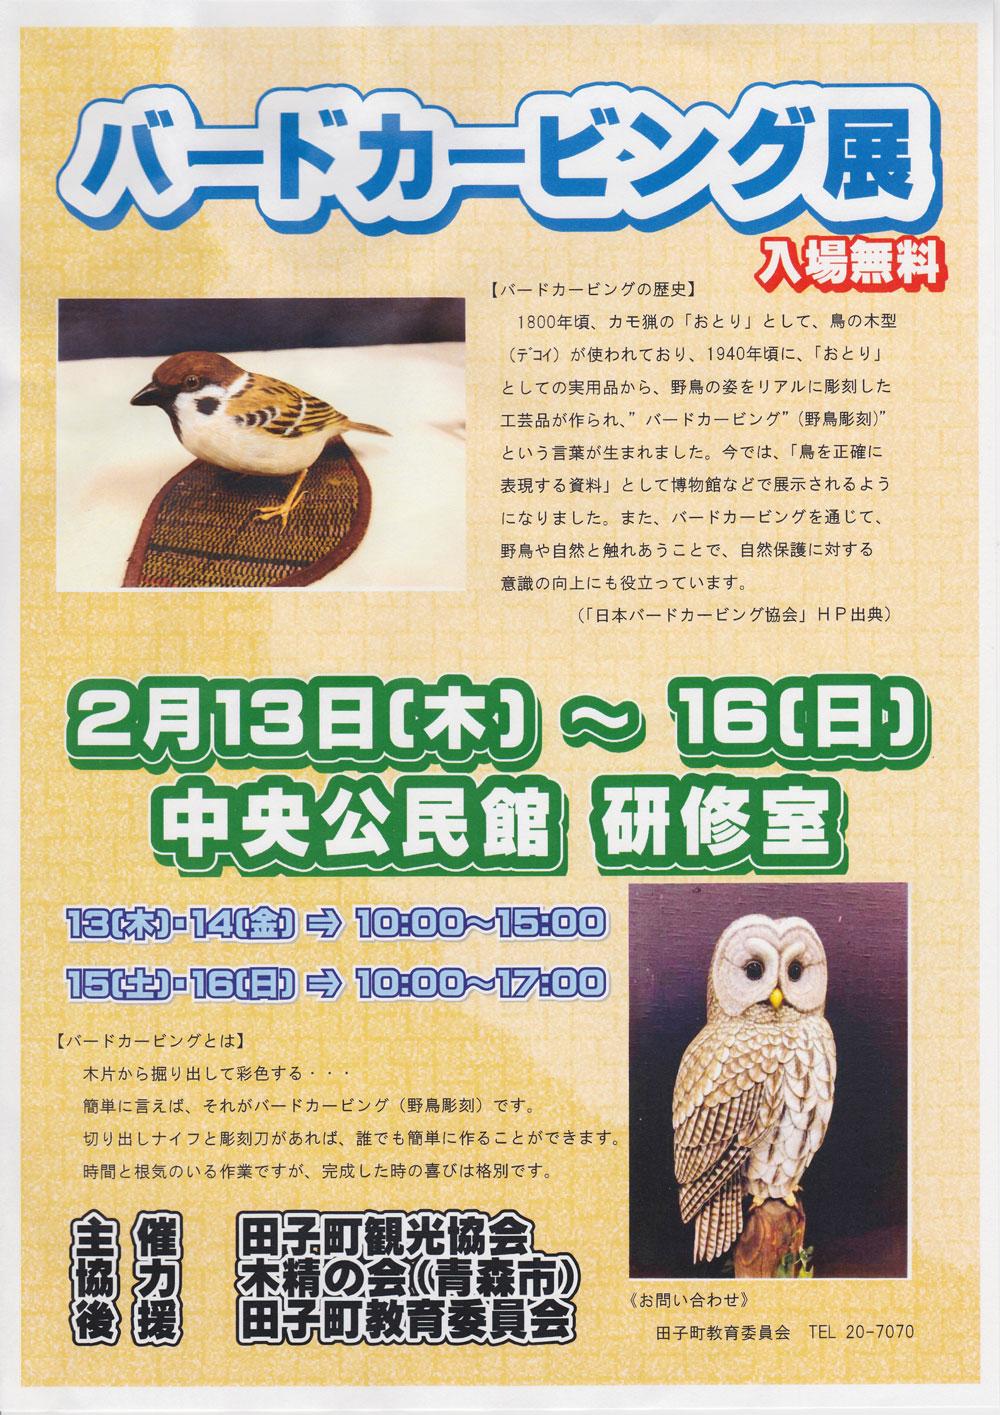 田子町バードカービング展2020 2/13~2/16